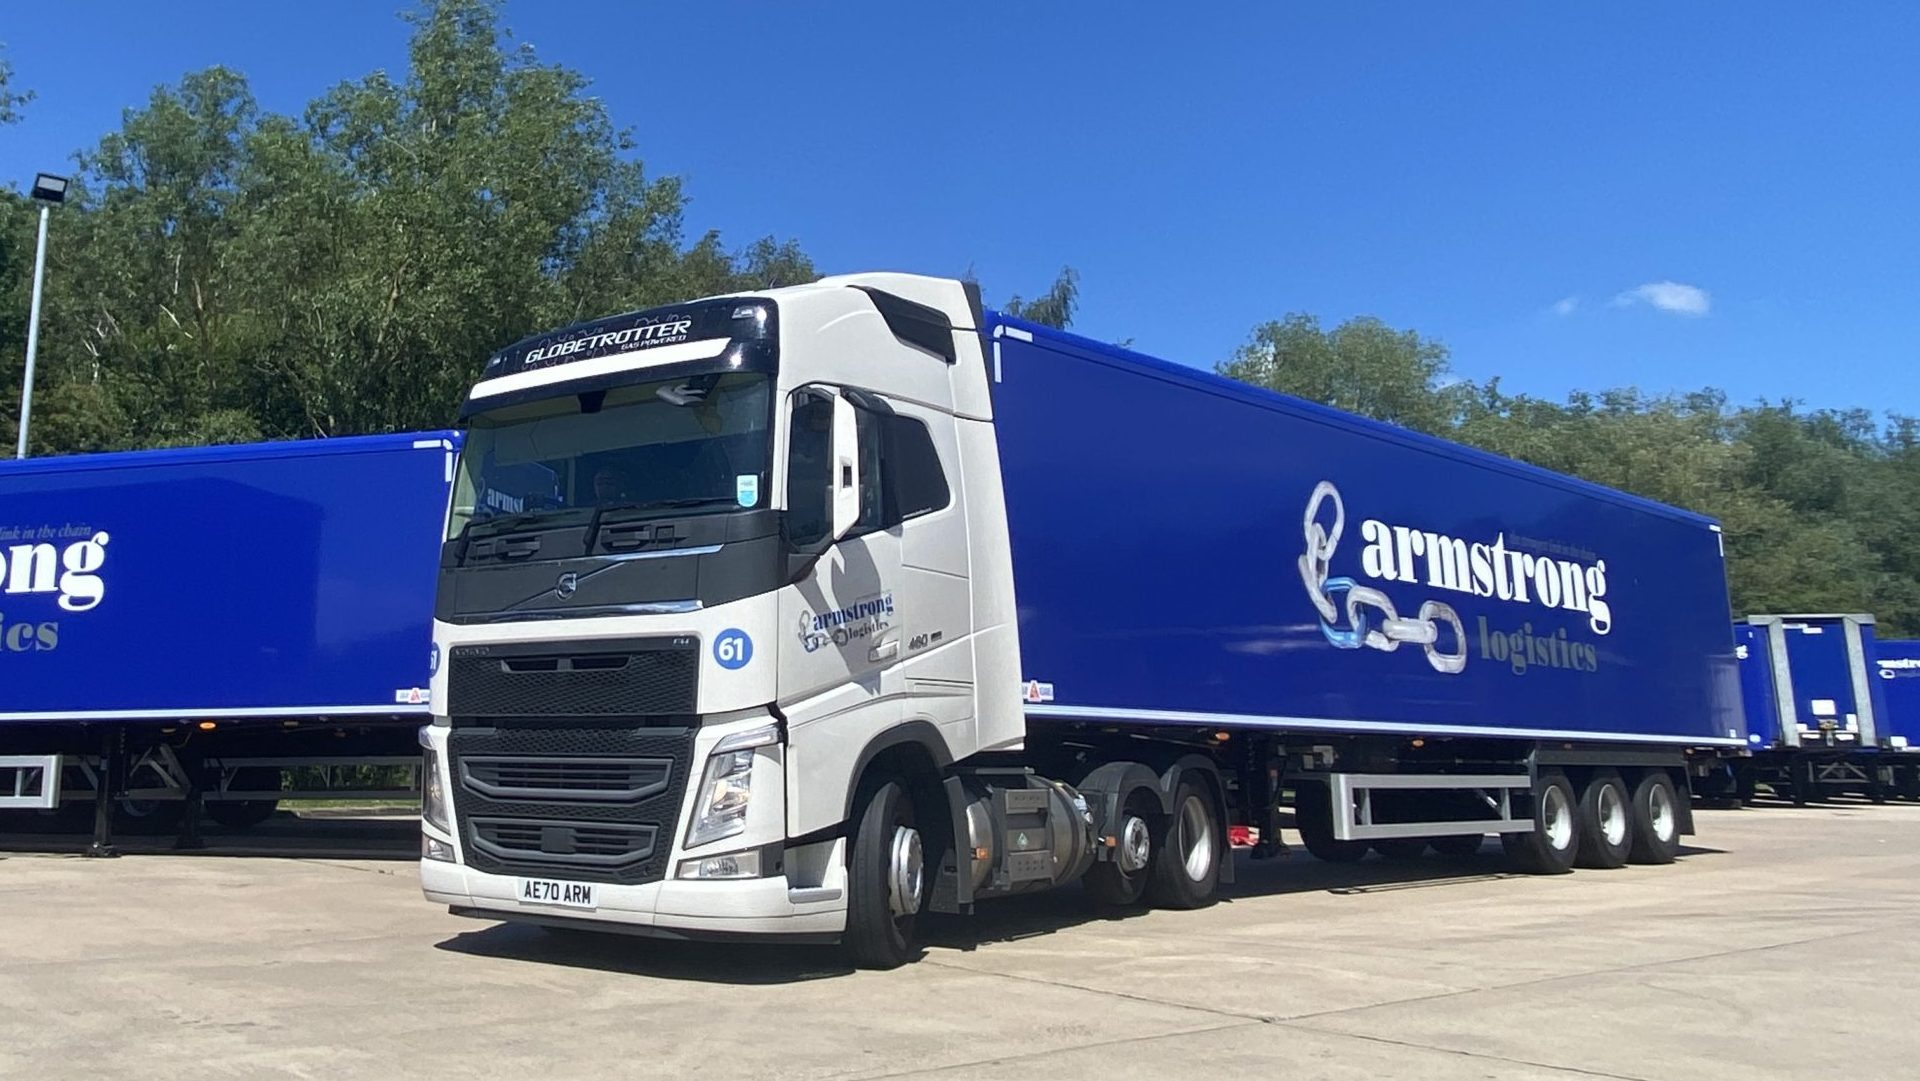 Armstrong Logistics